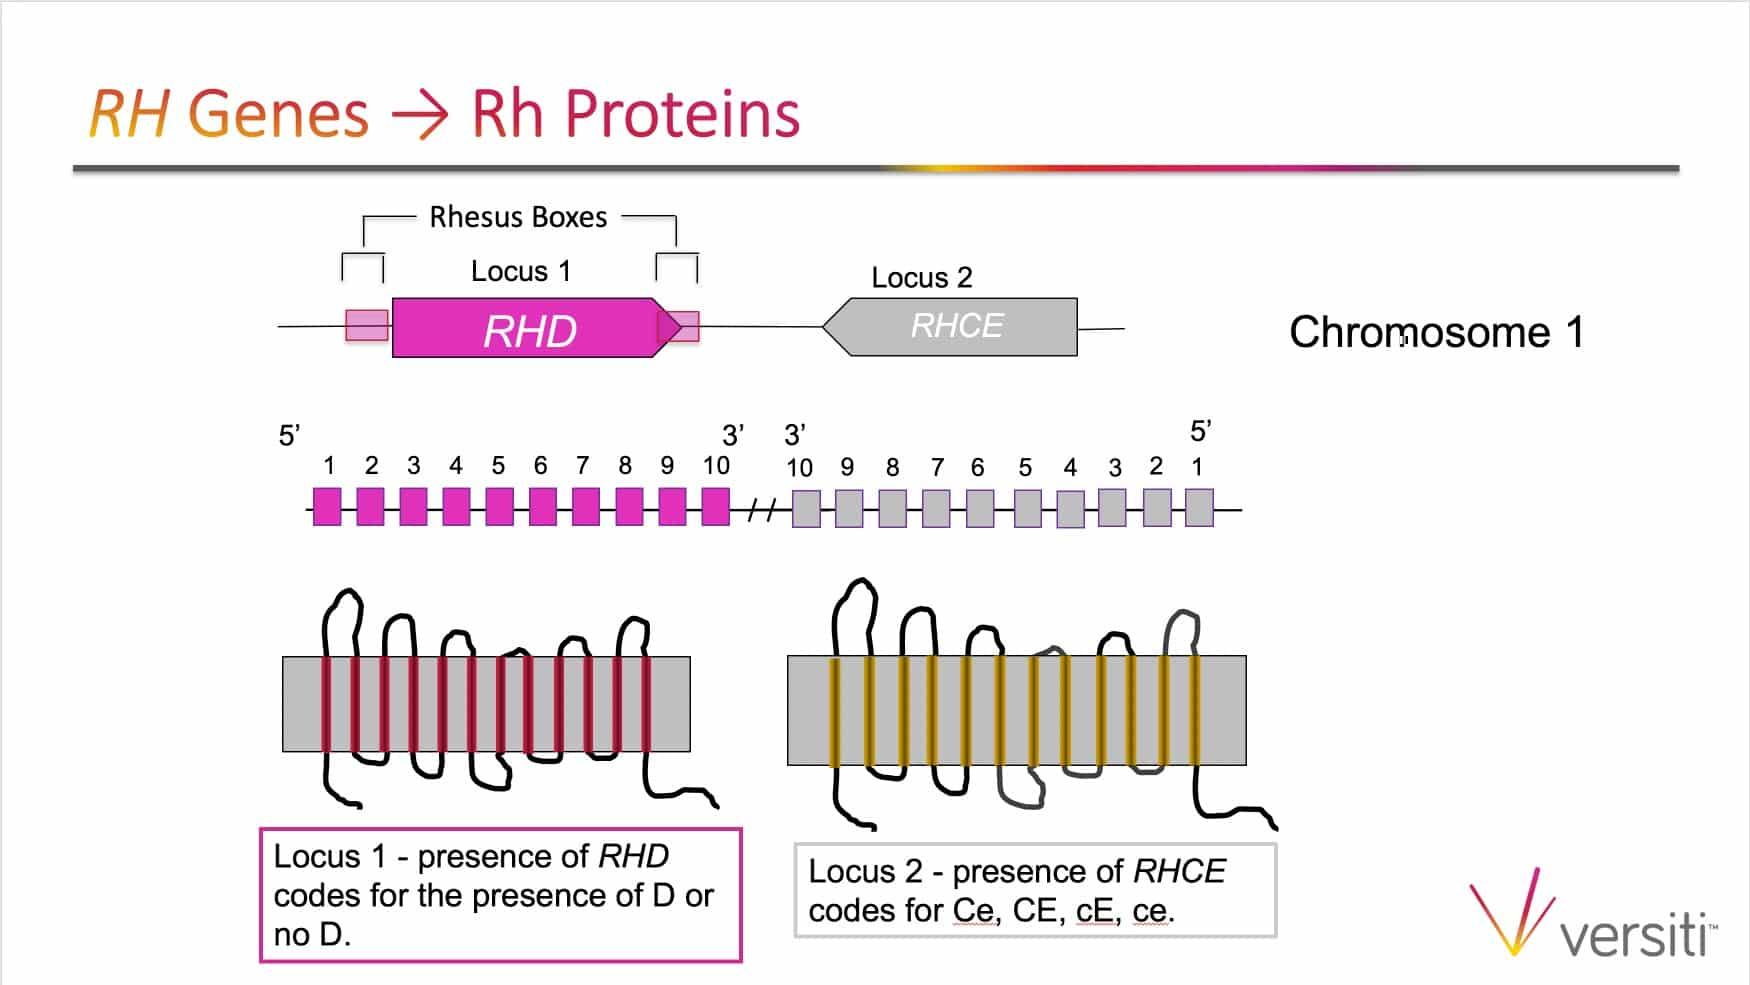 Slide 1: Image of RH alleles on chromosome 1